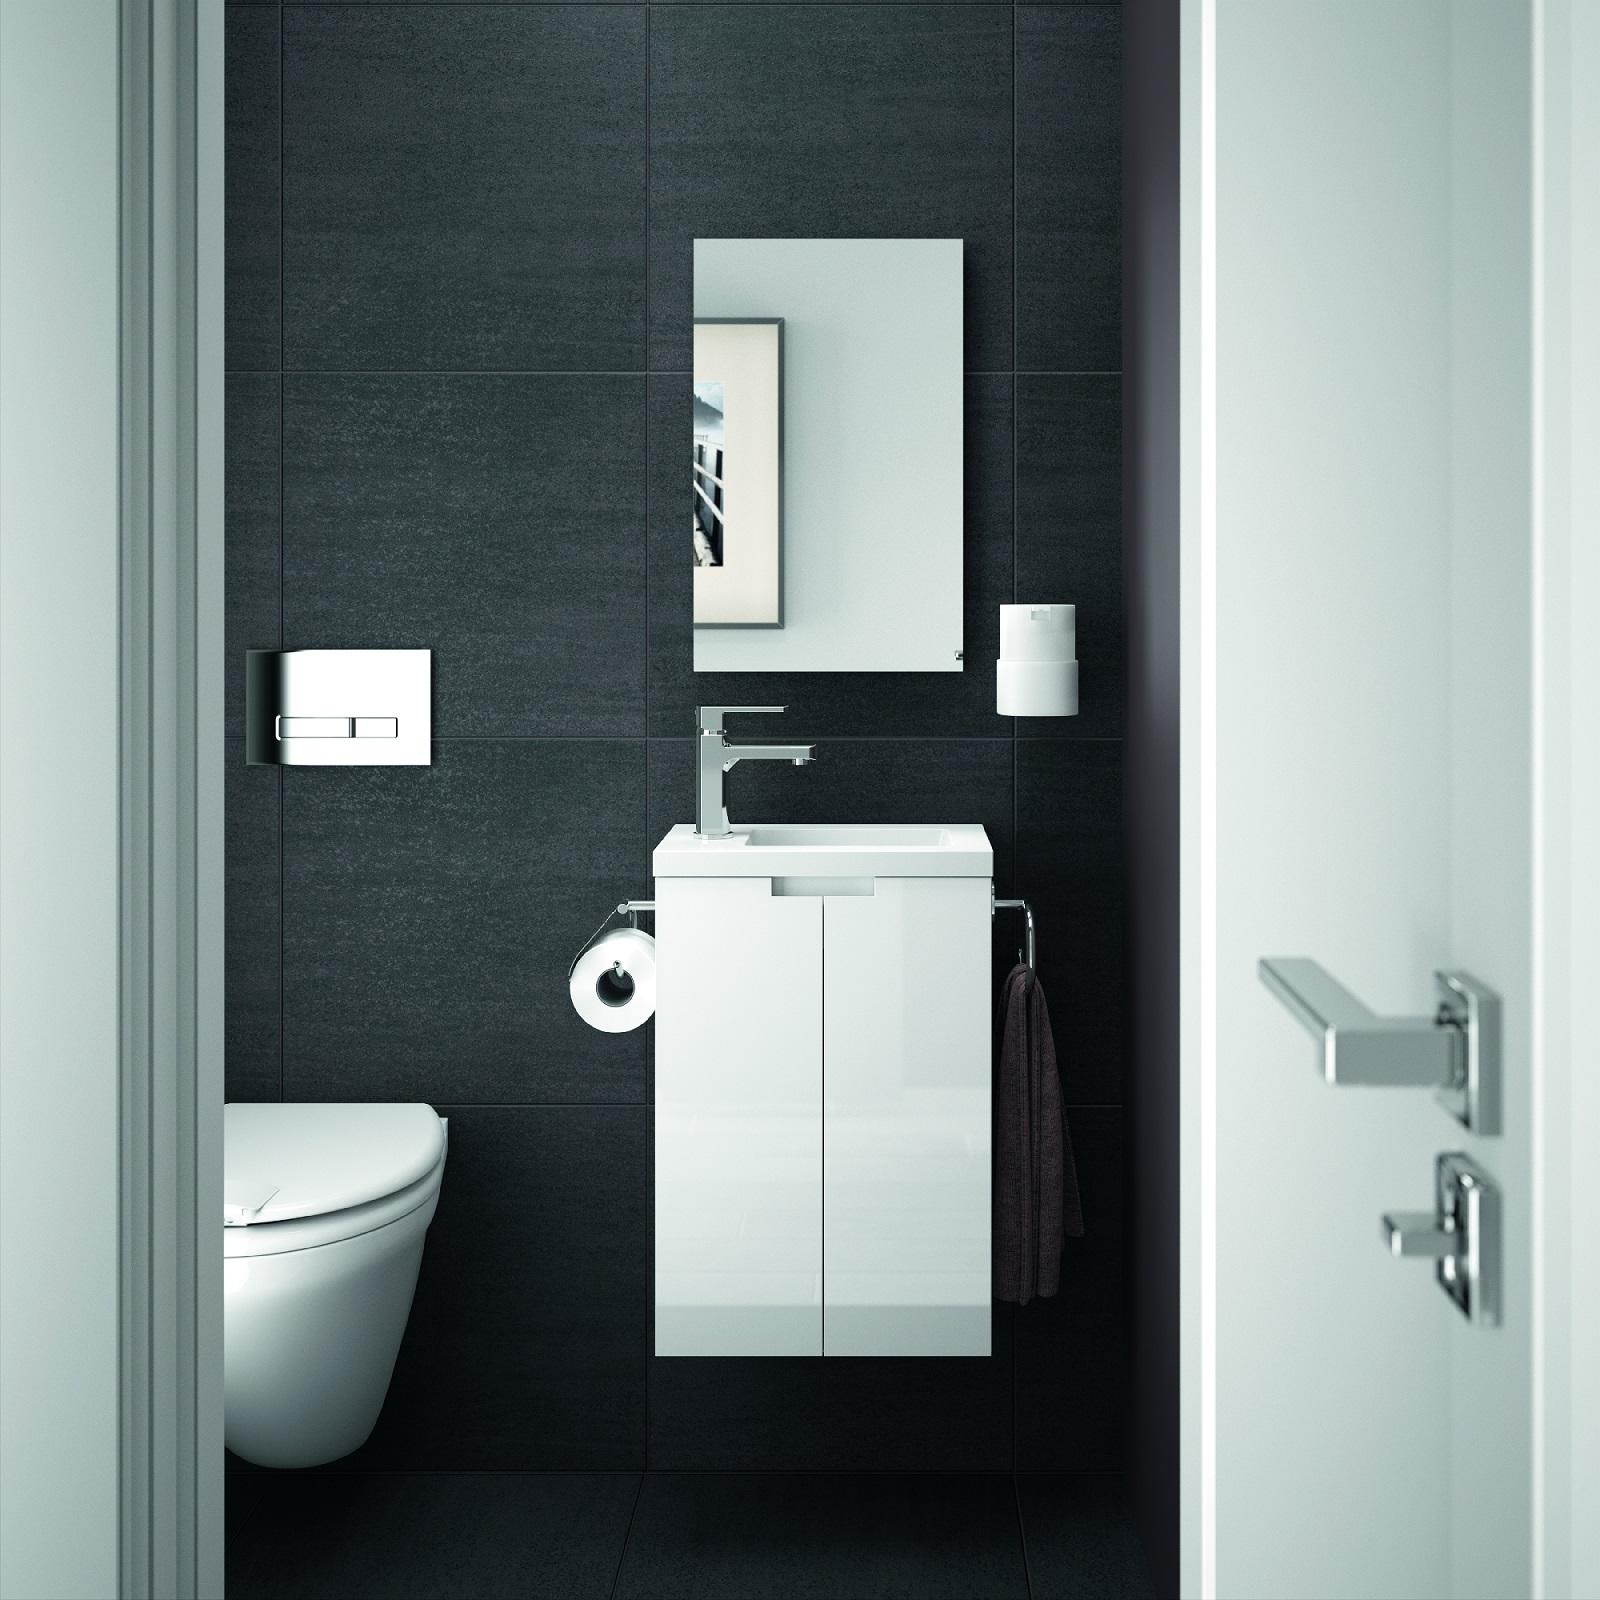 ALLIBERT Badmöbel Gäste-WC Set vormontiert weiß Glanz Waschtisch 40 cm Spiegel